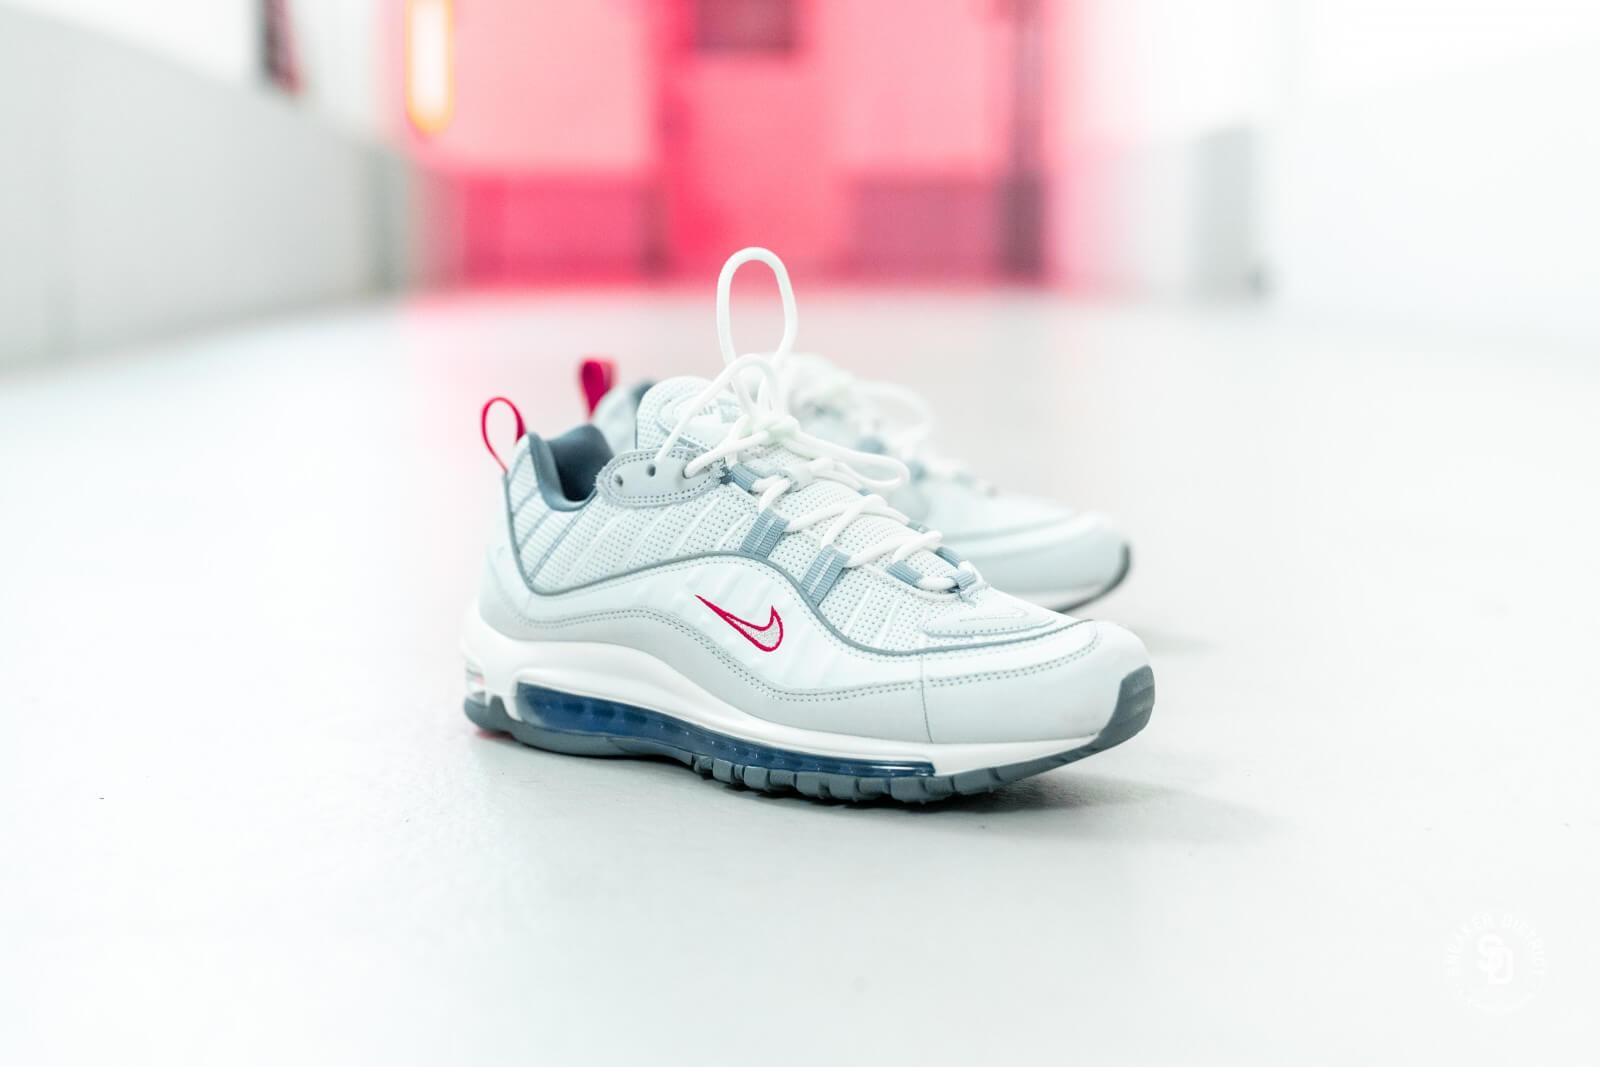 Nike Air Max 98 Summit WhiteMetallic Silver CD1538 100